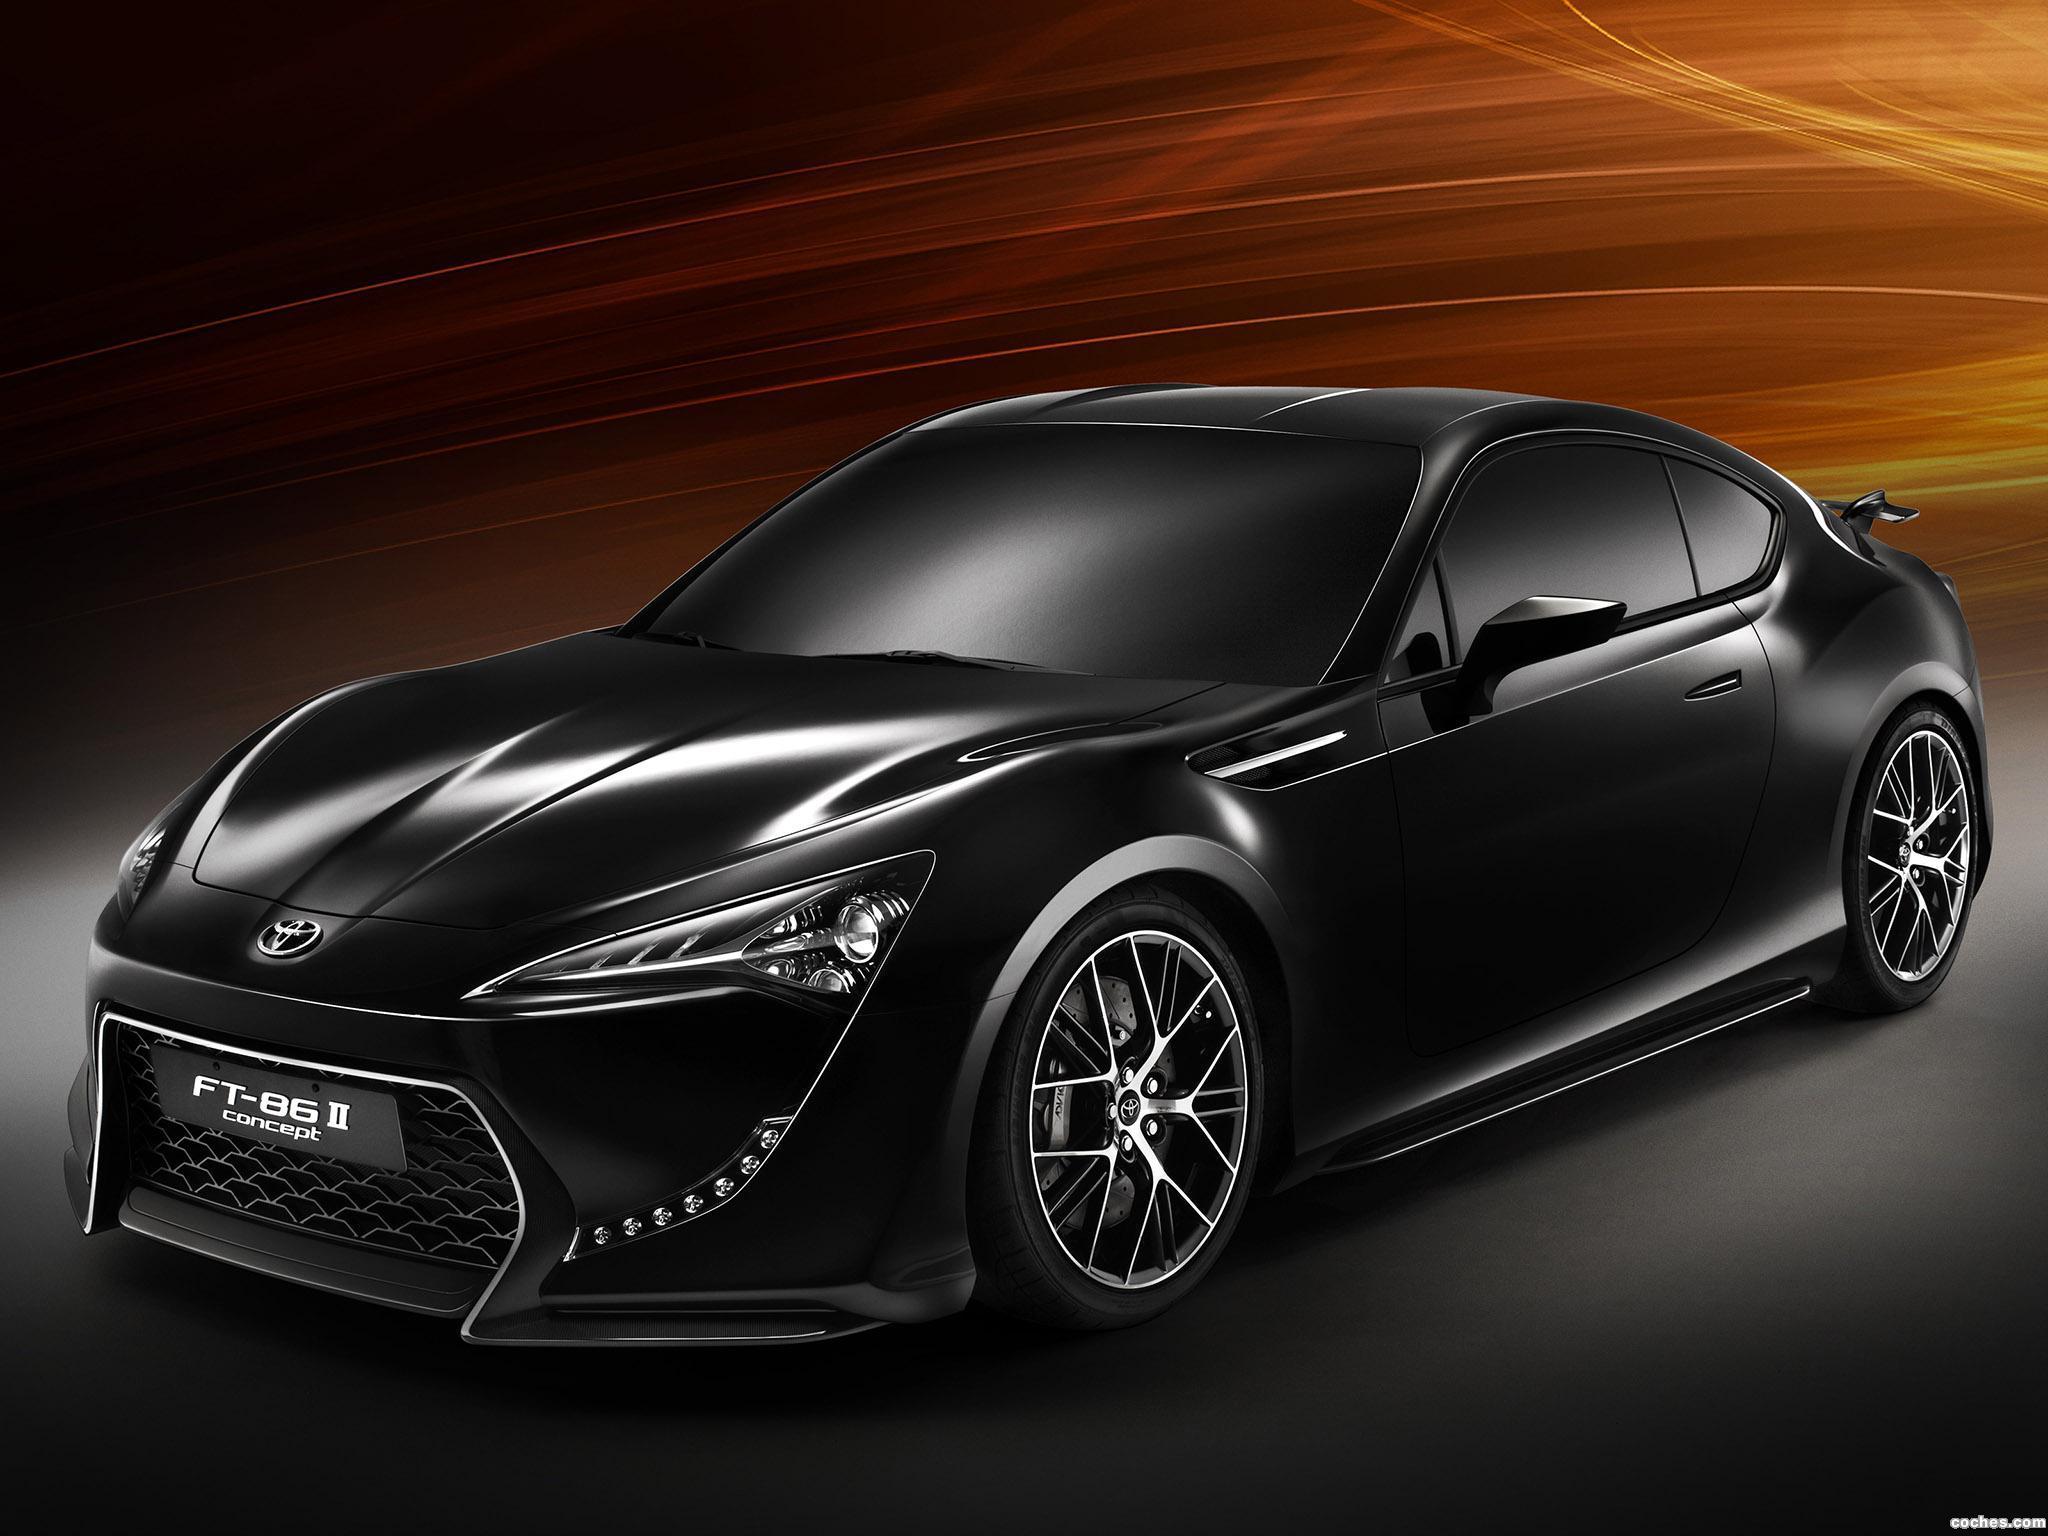 Foto 0 de Toyota FT-86 II Concept 2011